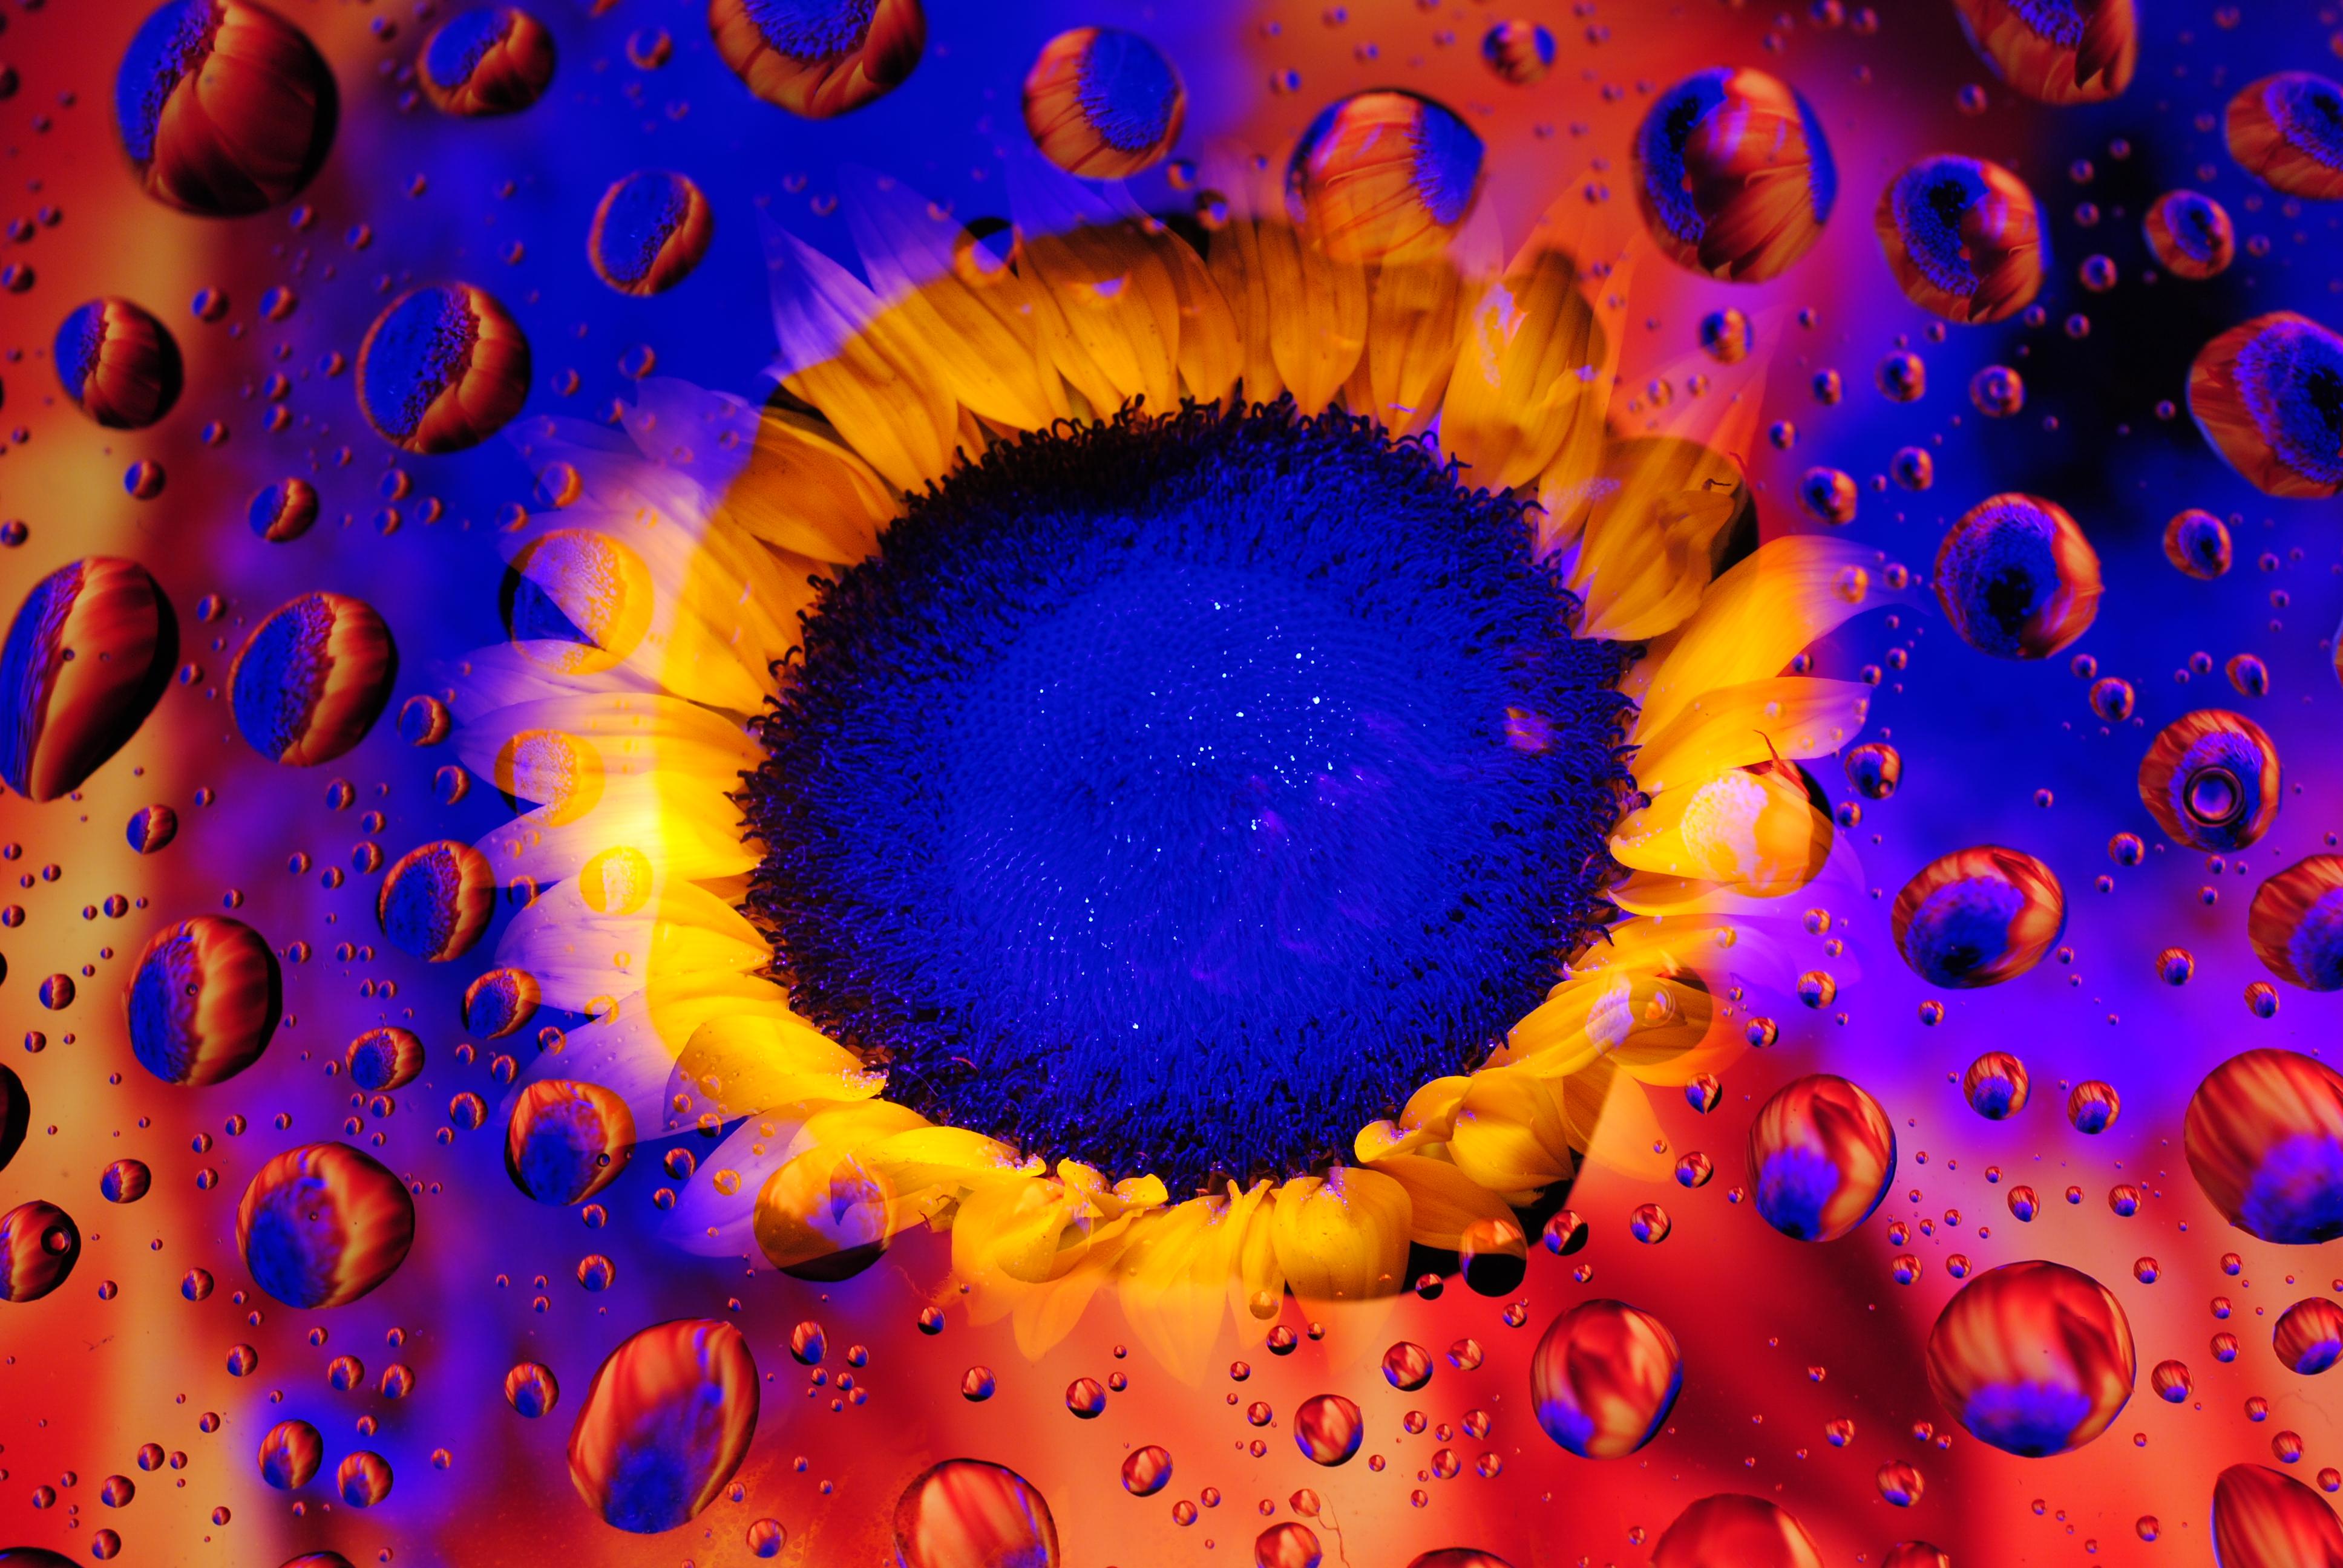 Masaüstü Hafif Boyama Papatyalar Ayçiçeği Psychedelic Su